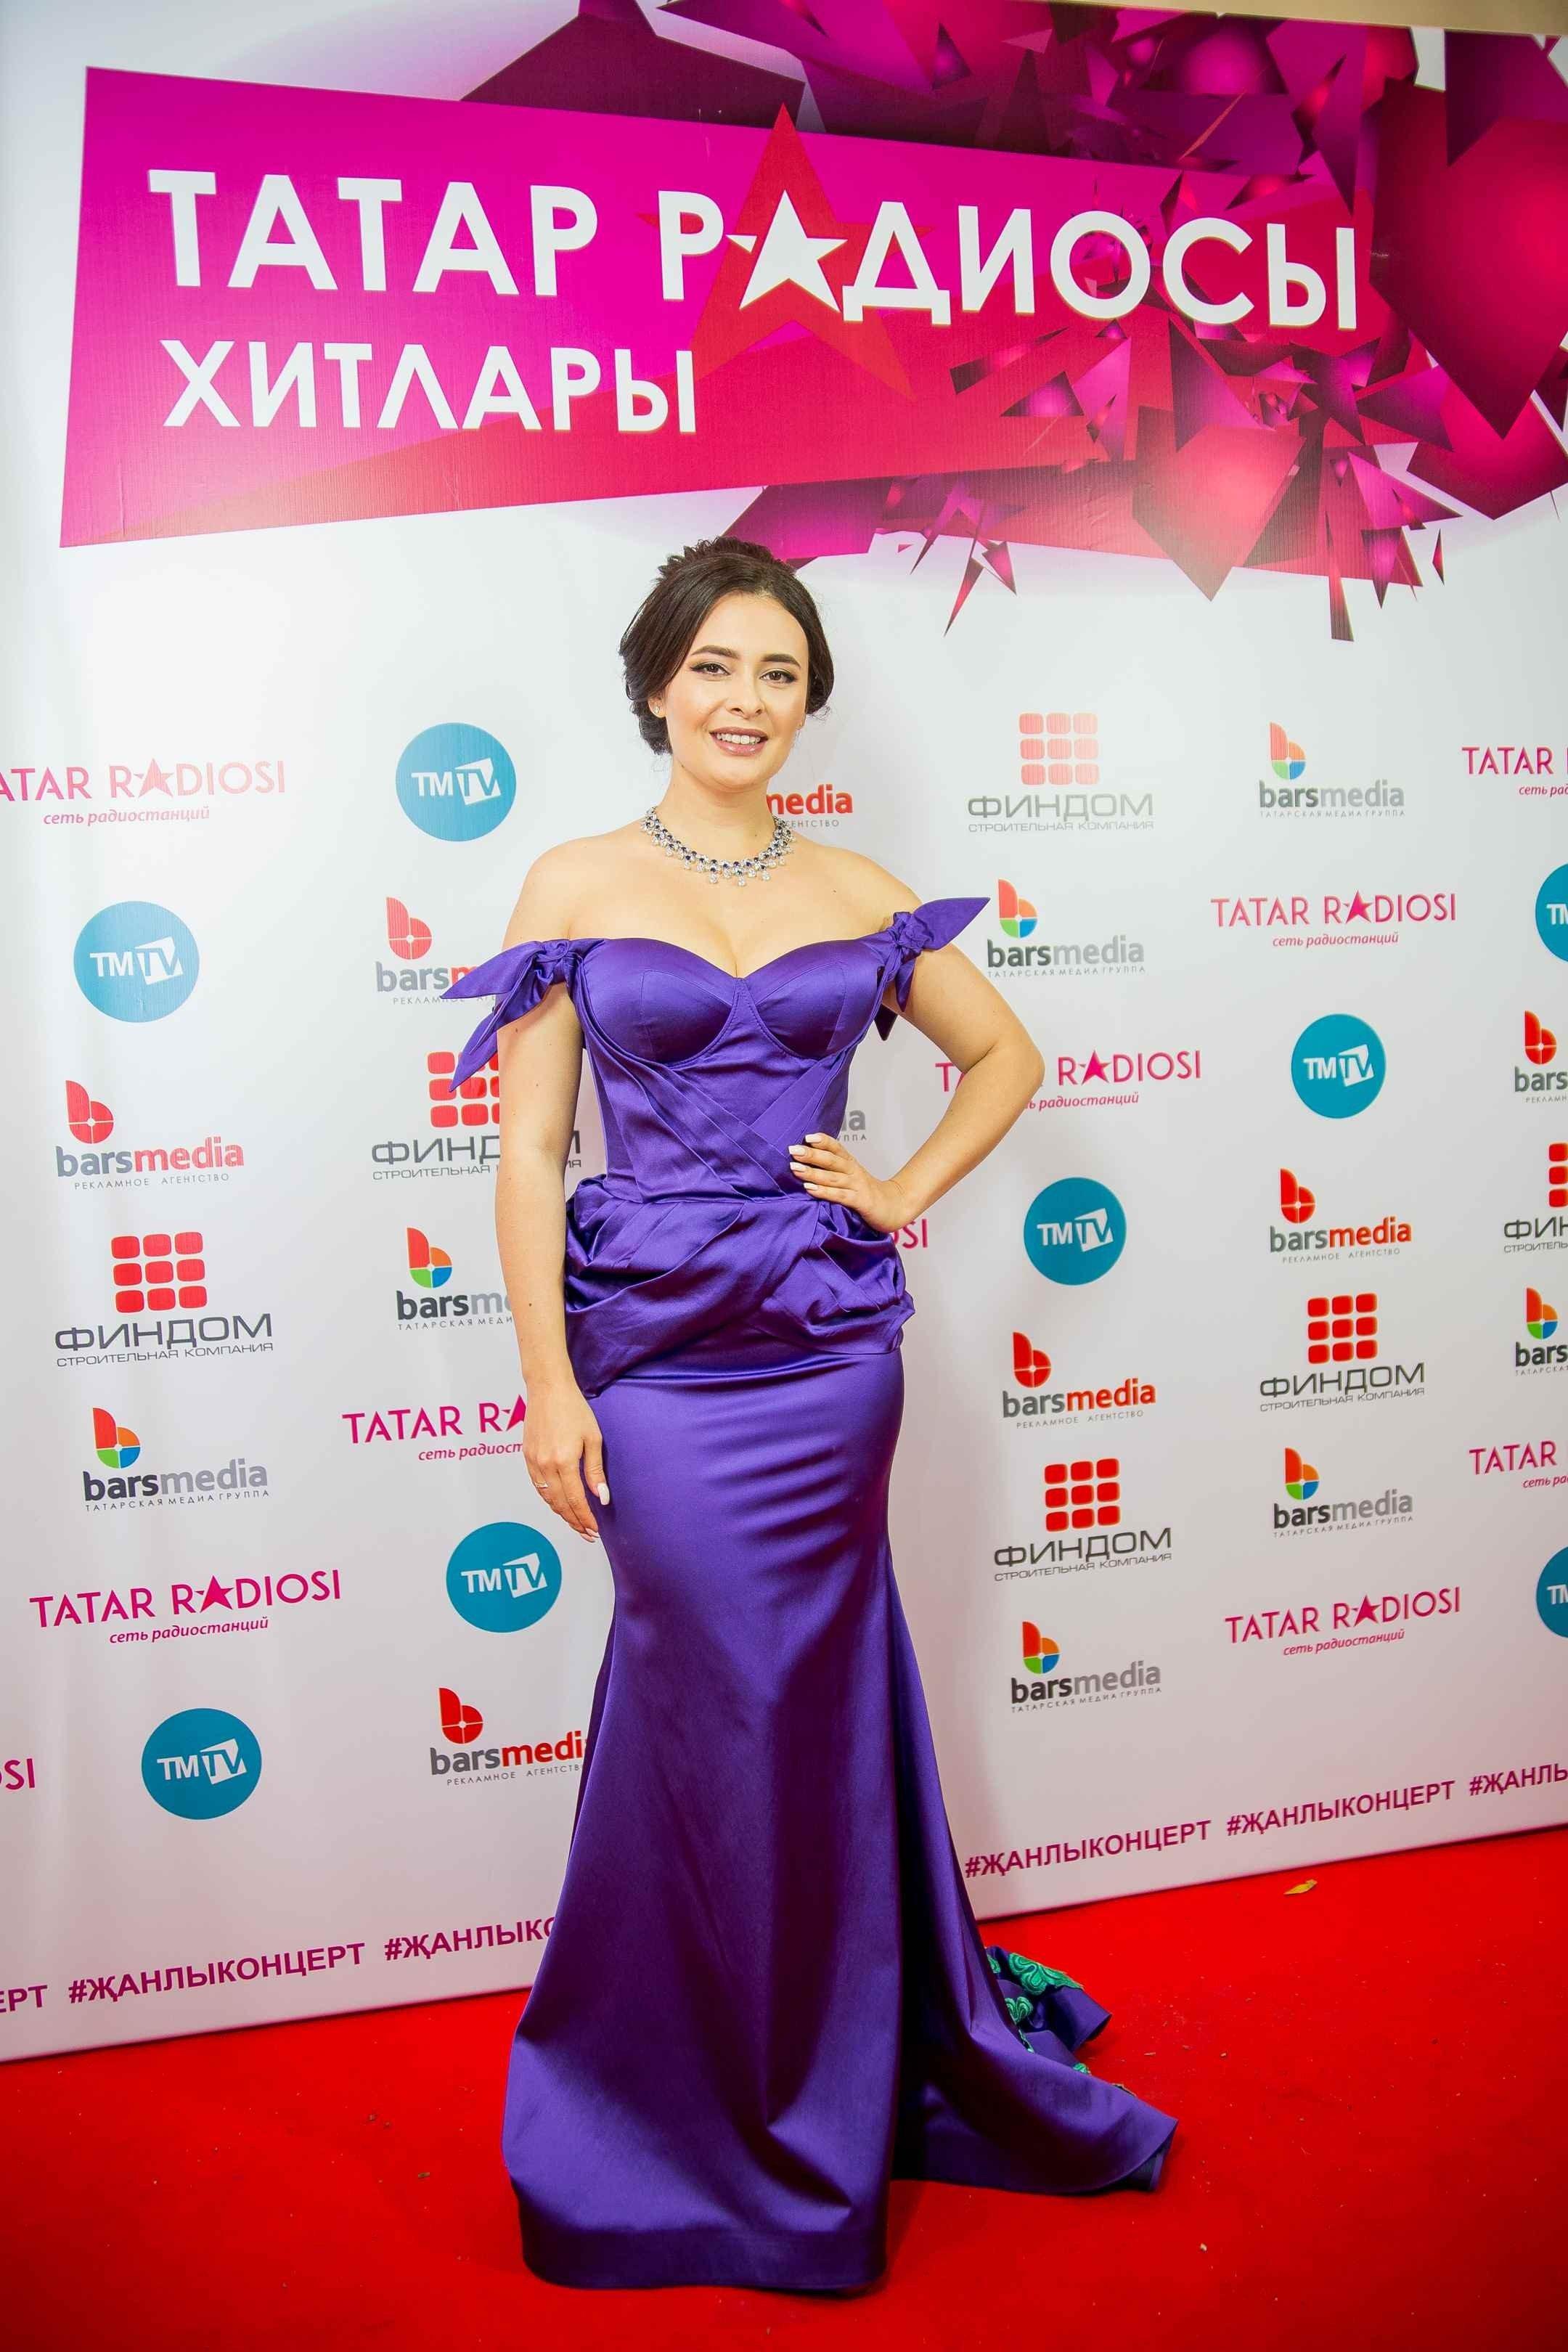 сколько стоит поздравление на татар радиосы таких